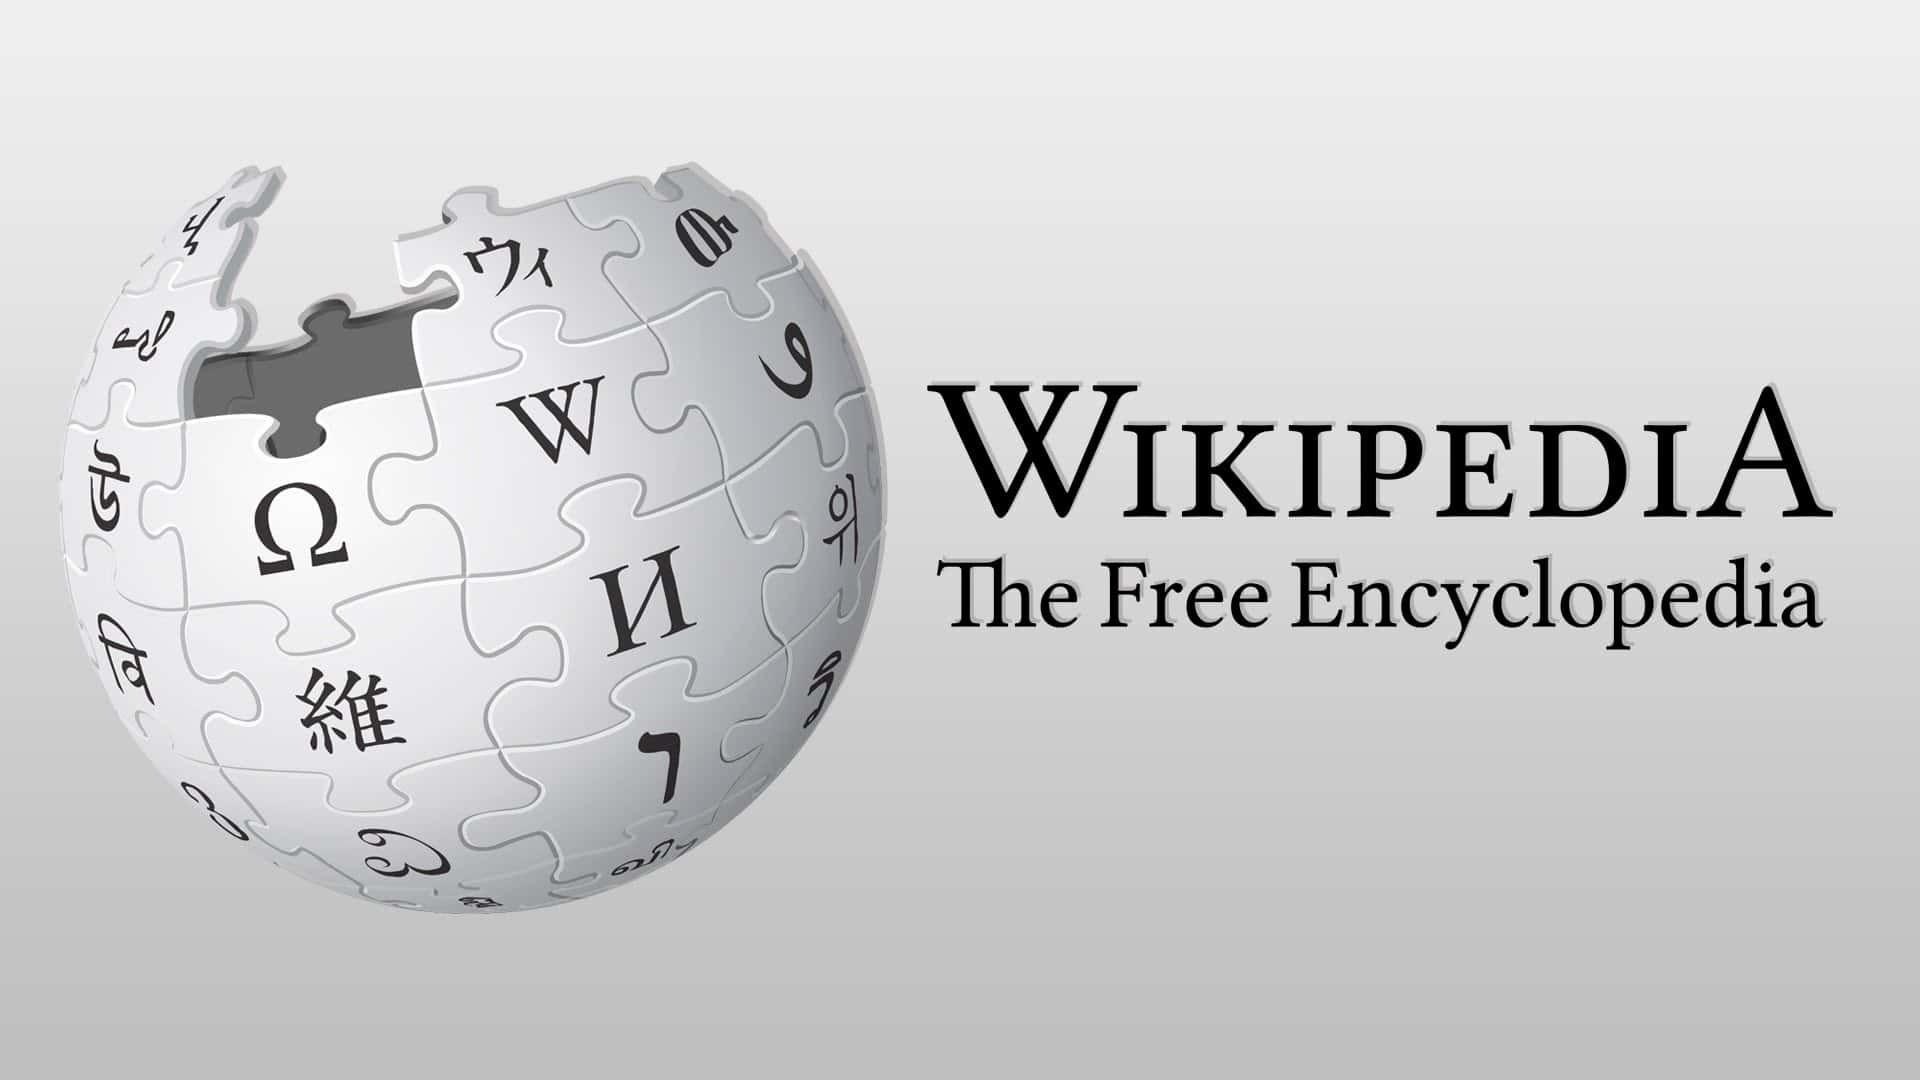 L encyclopédie en ligne Wikipédia touchée par une attaque